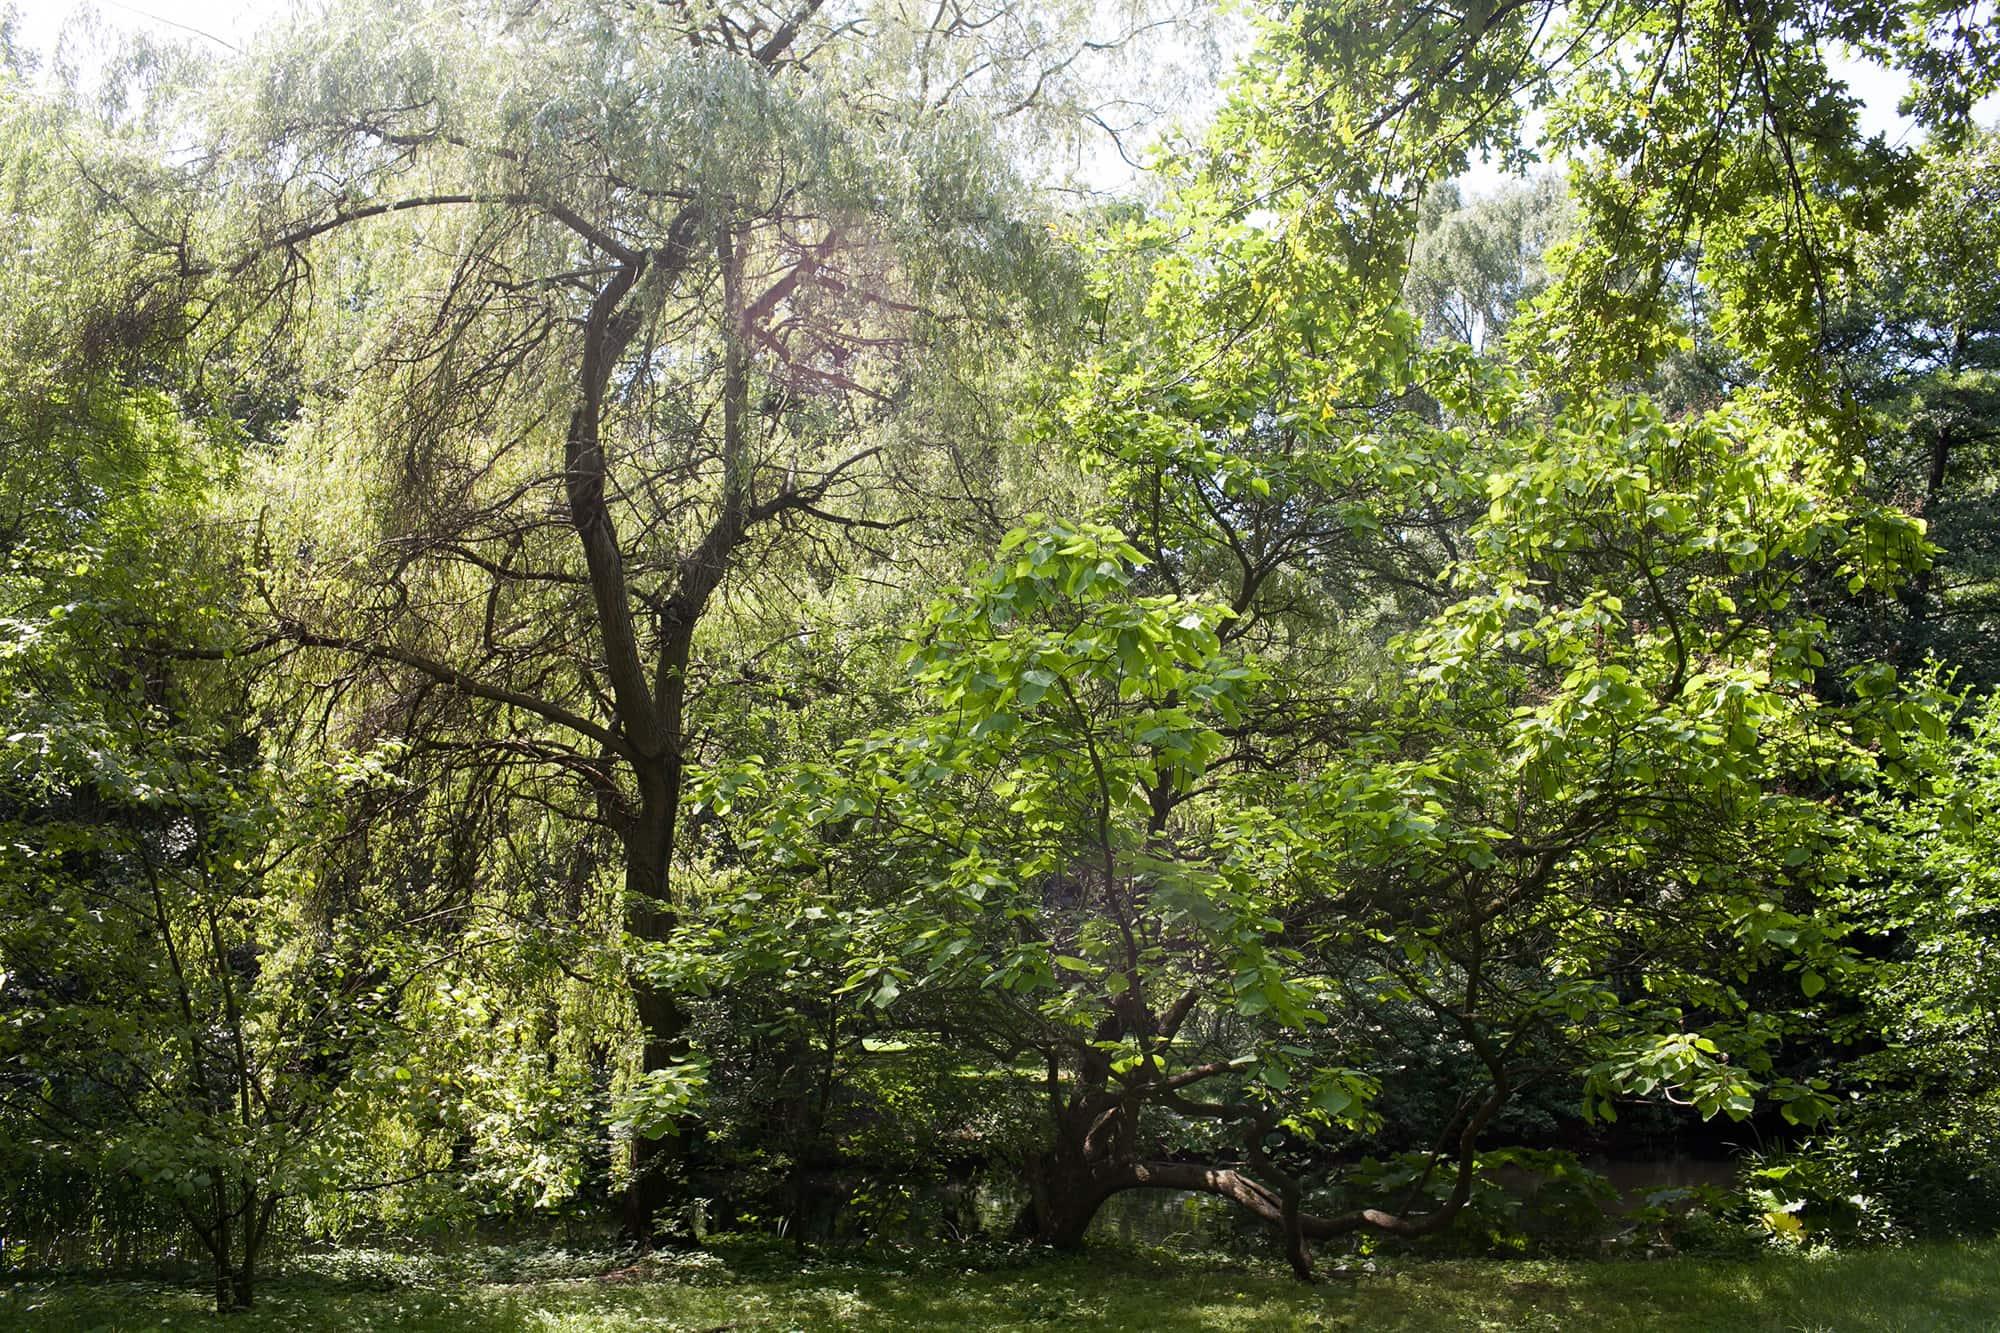 Tiergarten in Berlin.